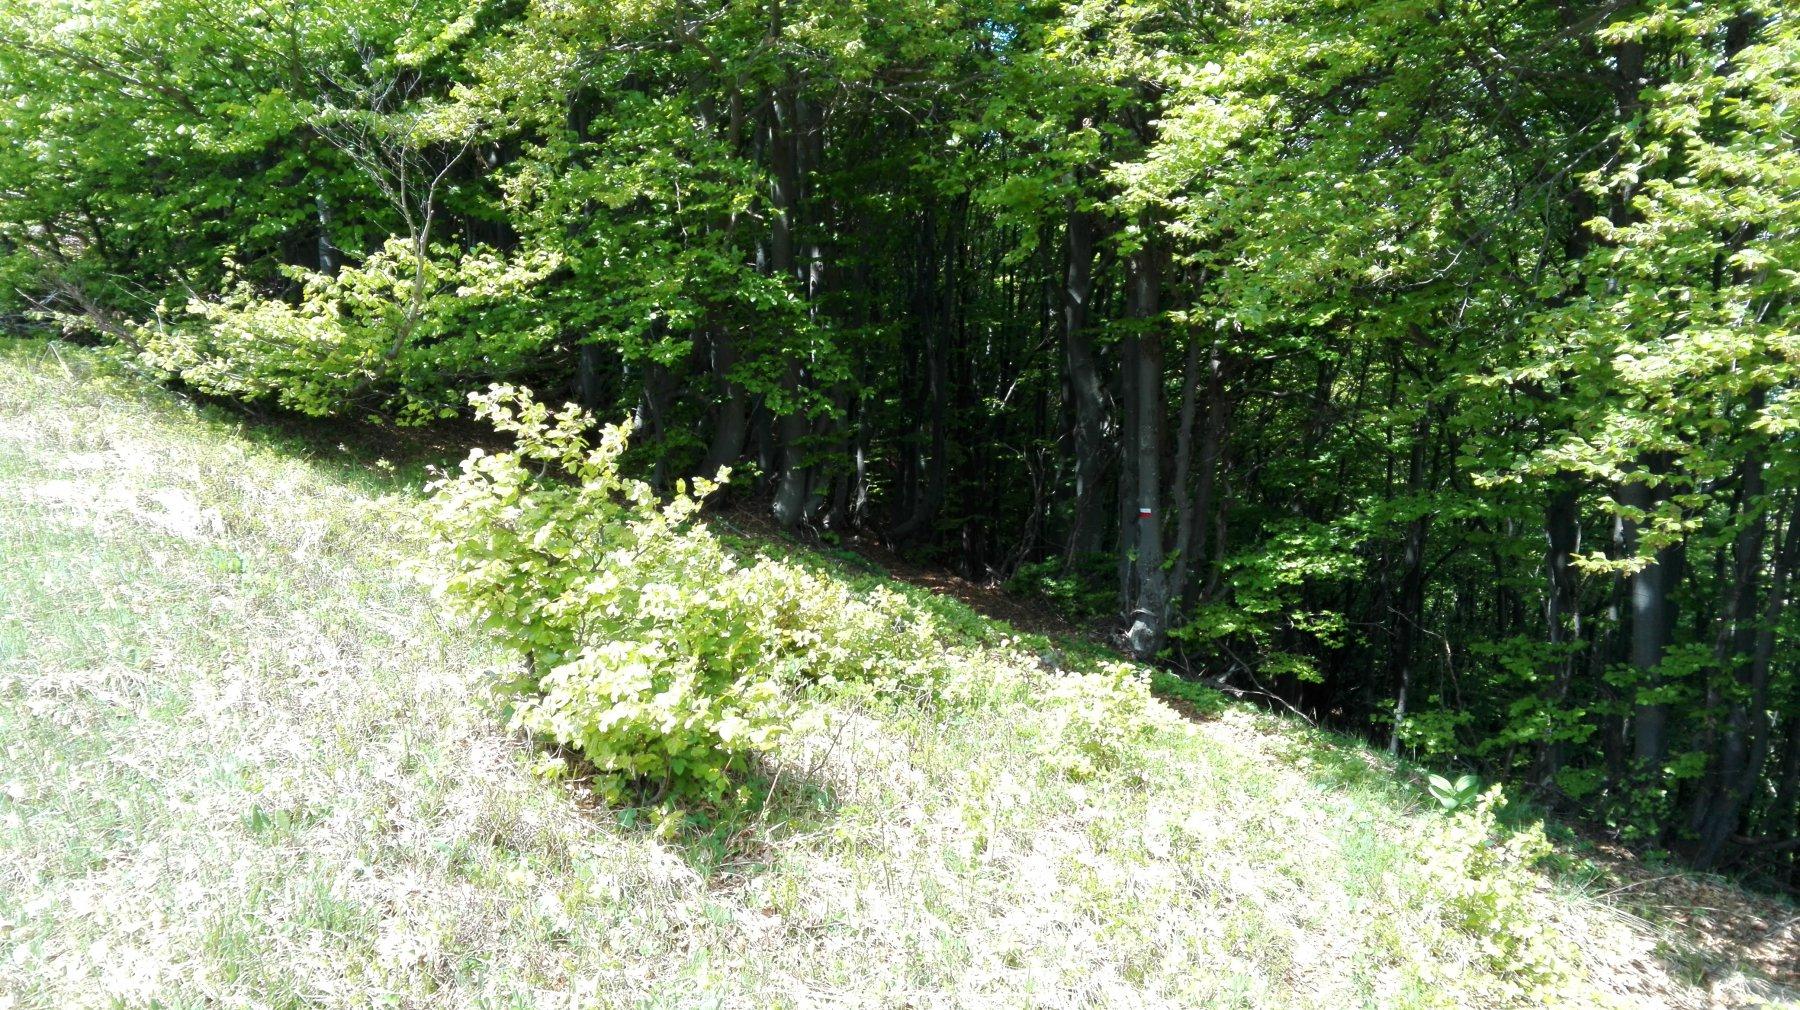 ultimo tratto nel bosco...